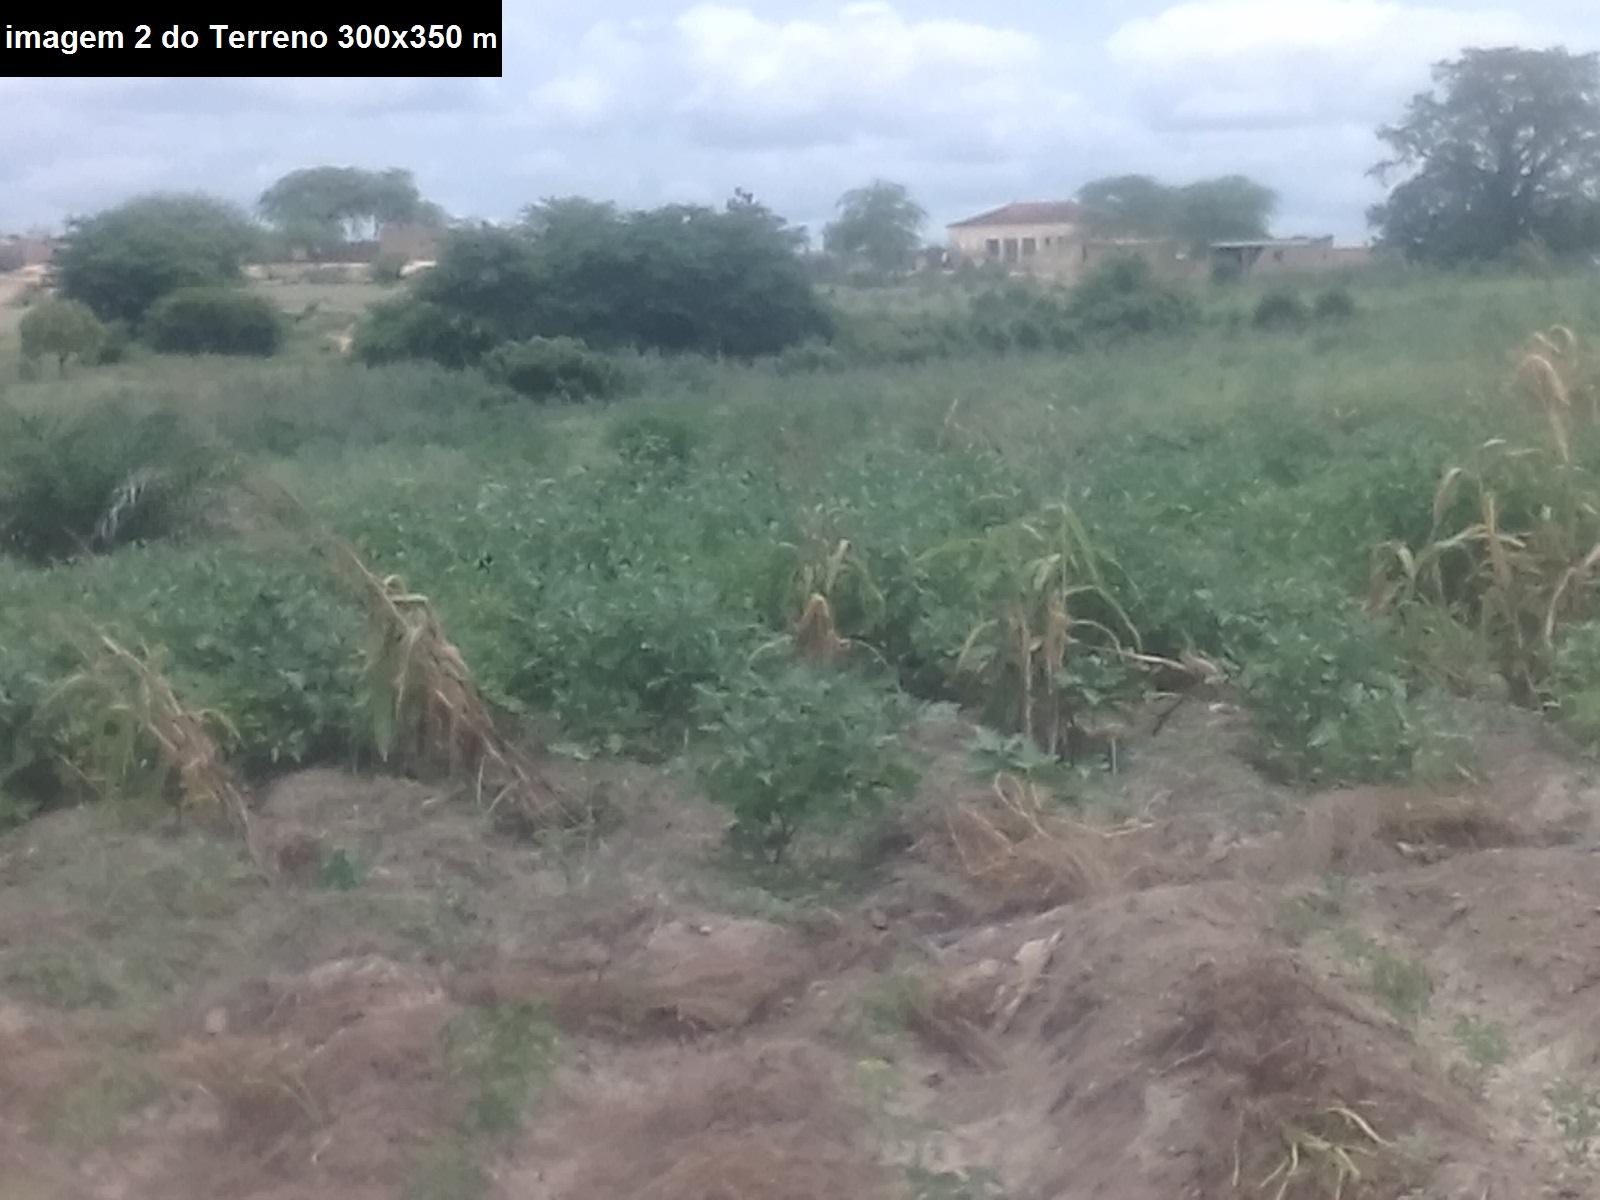 Terreno no Bengo de 300×350 m perto ao rio e lago